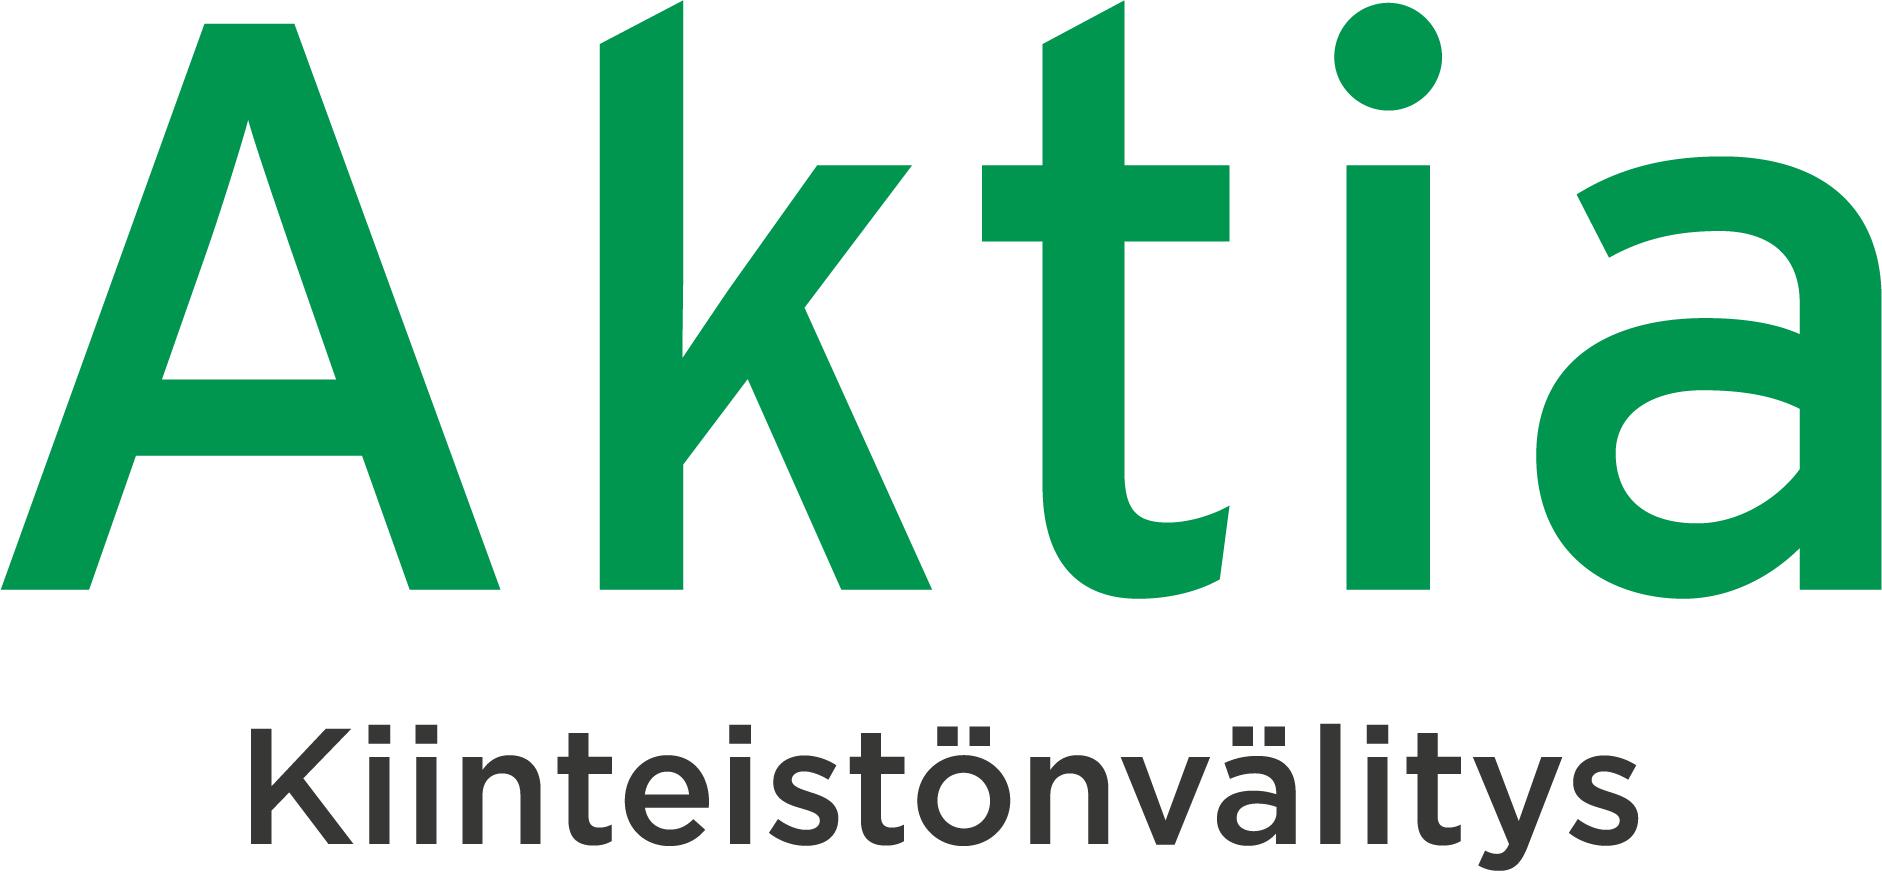 Aktia Kiinteistönvälitys Oy, Munkkivuori